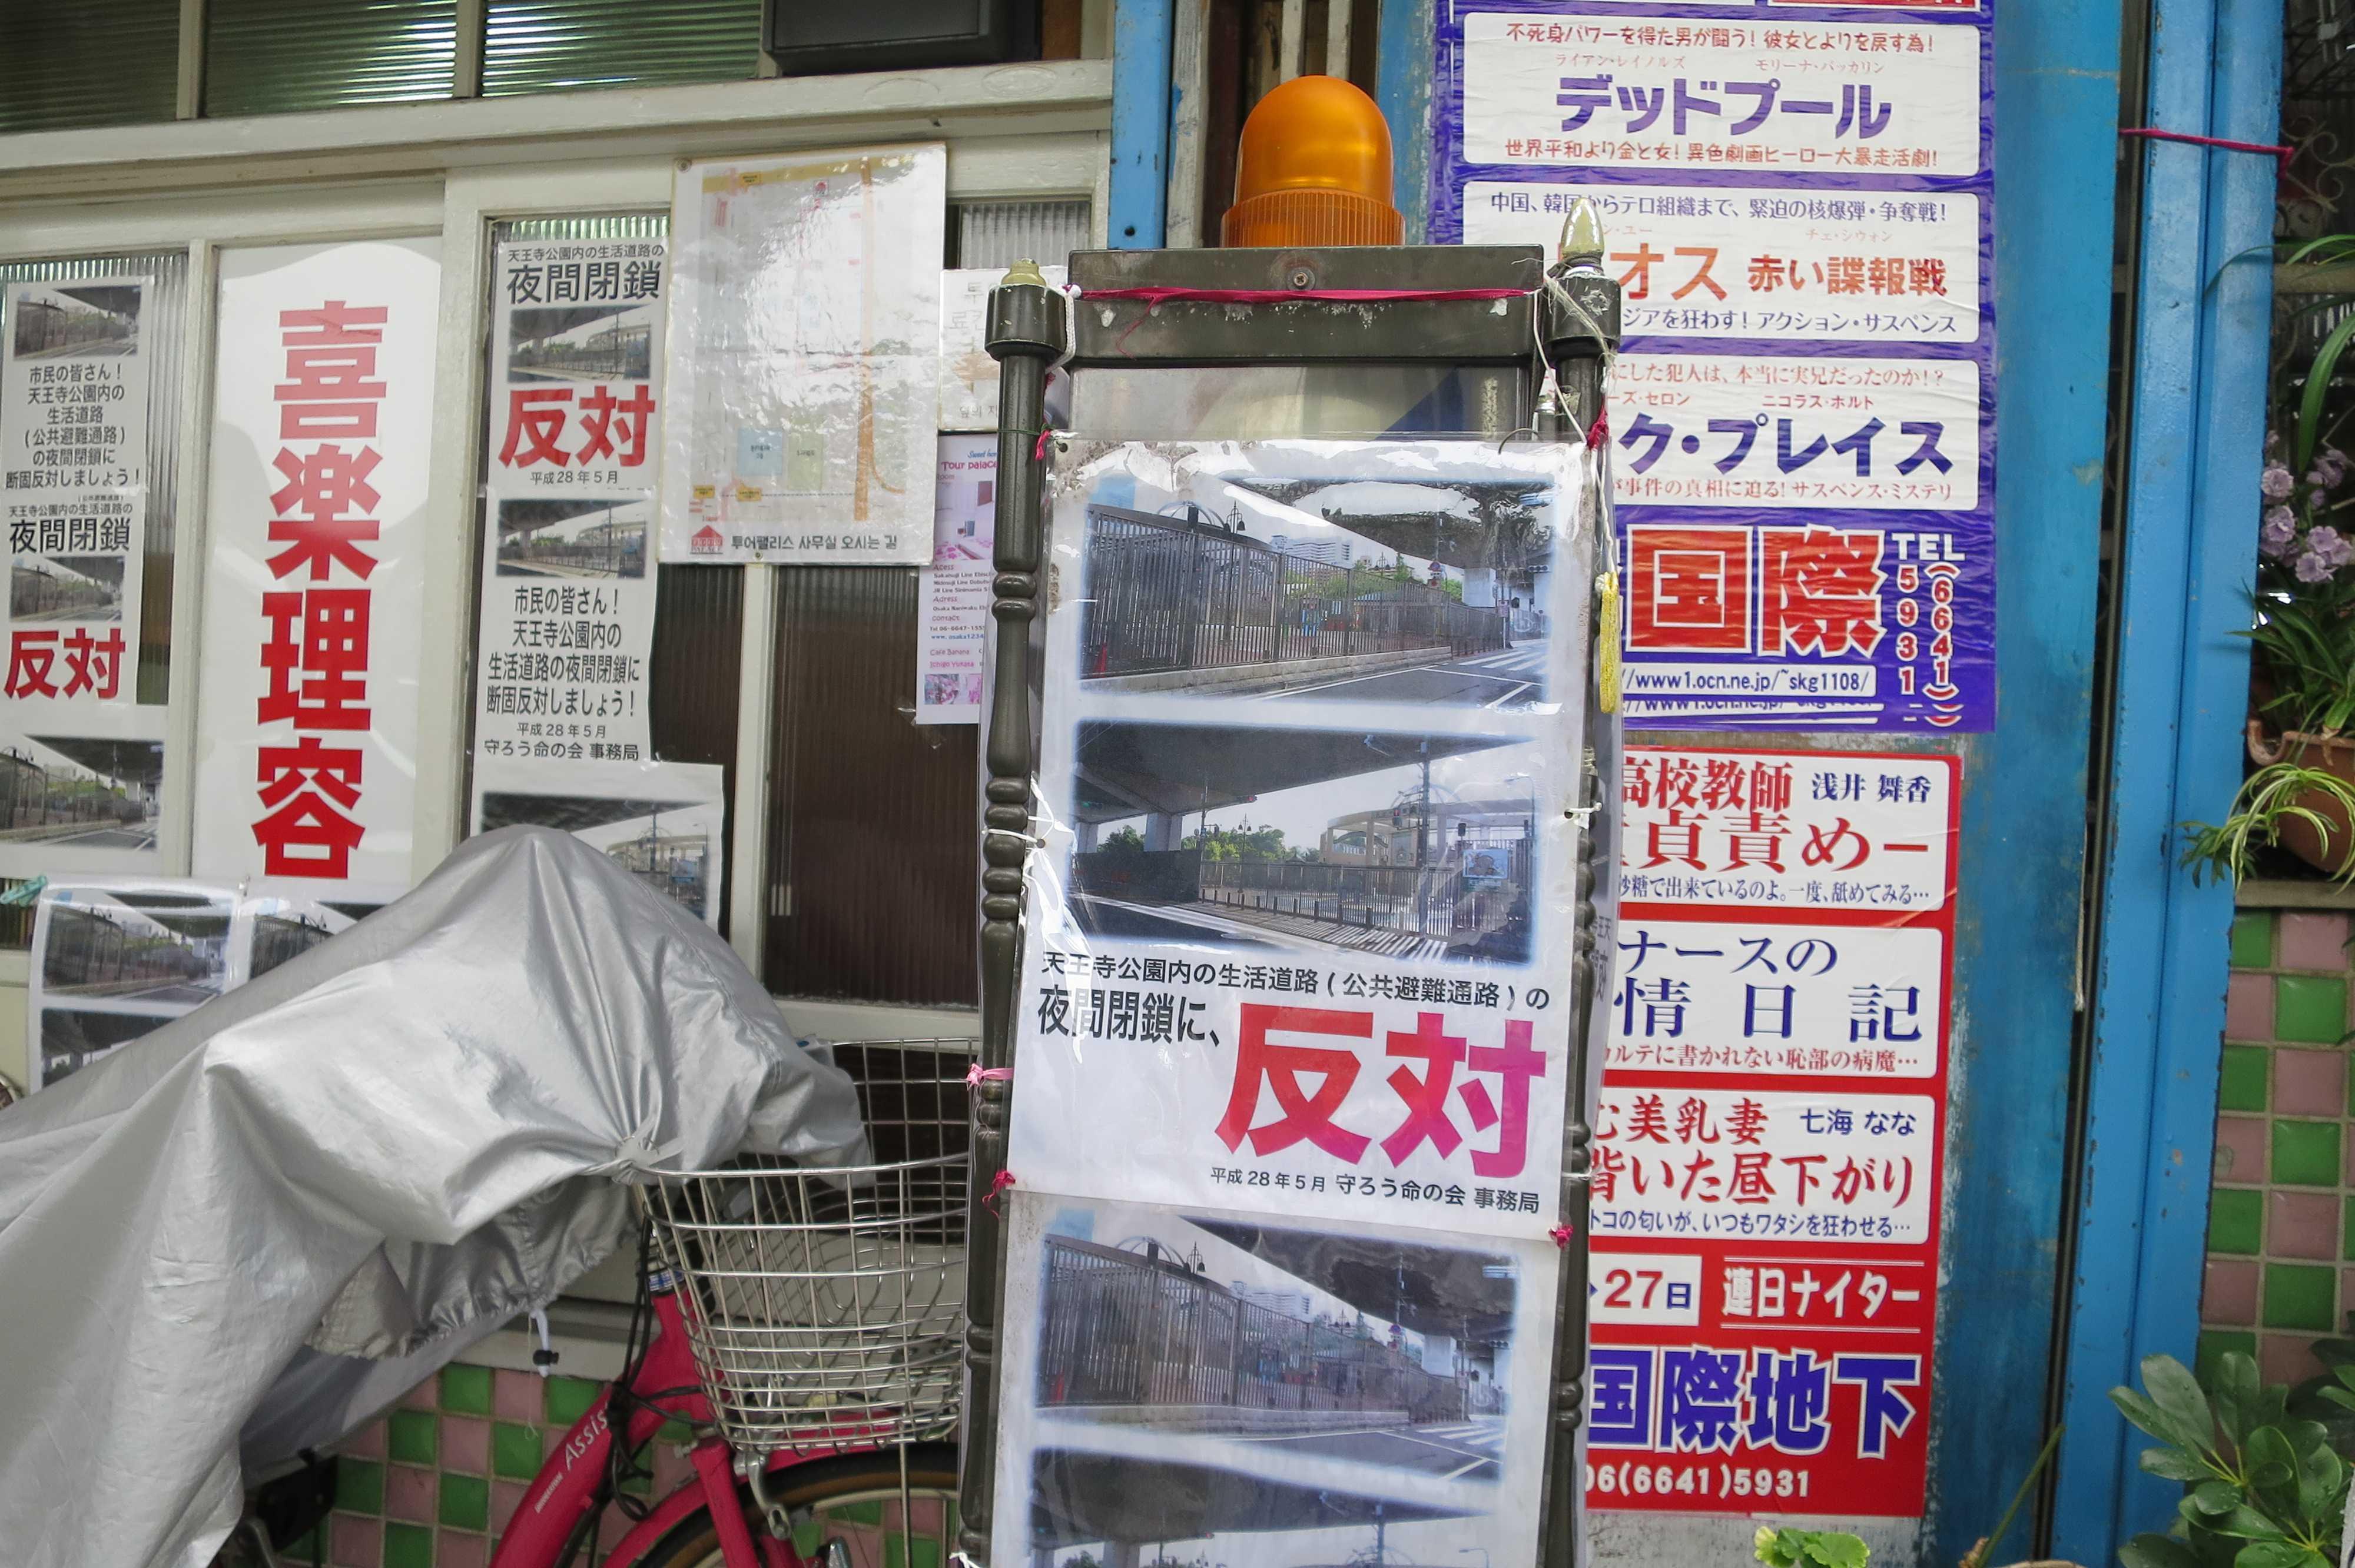 天王寺公園内の生活道路(公共避難通路)の夜間閉鎖に、反対。のポスター